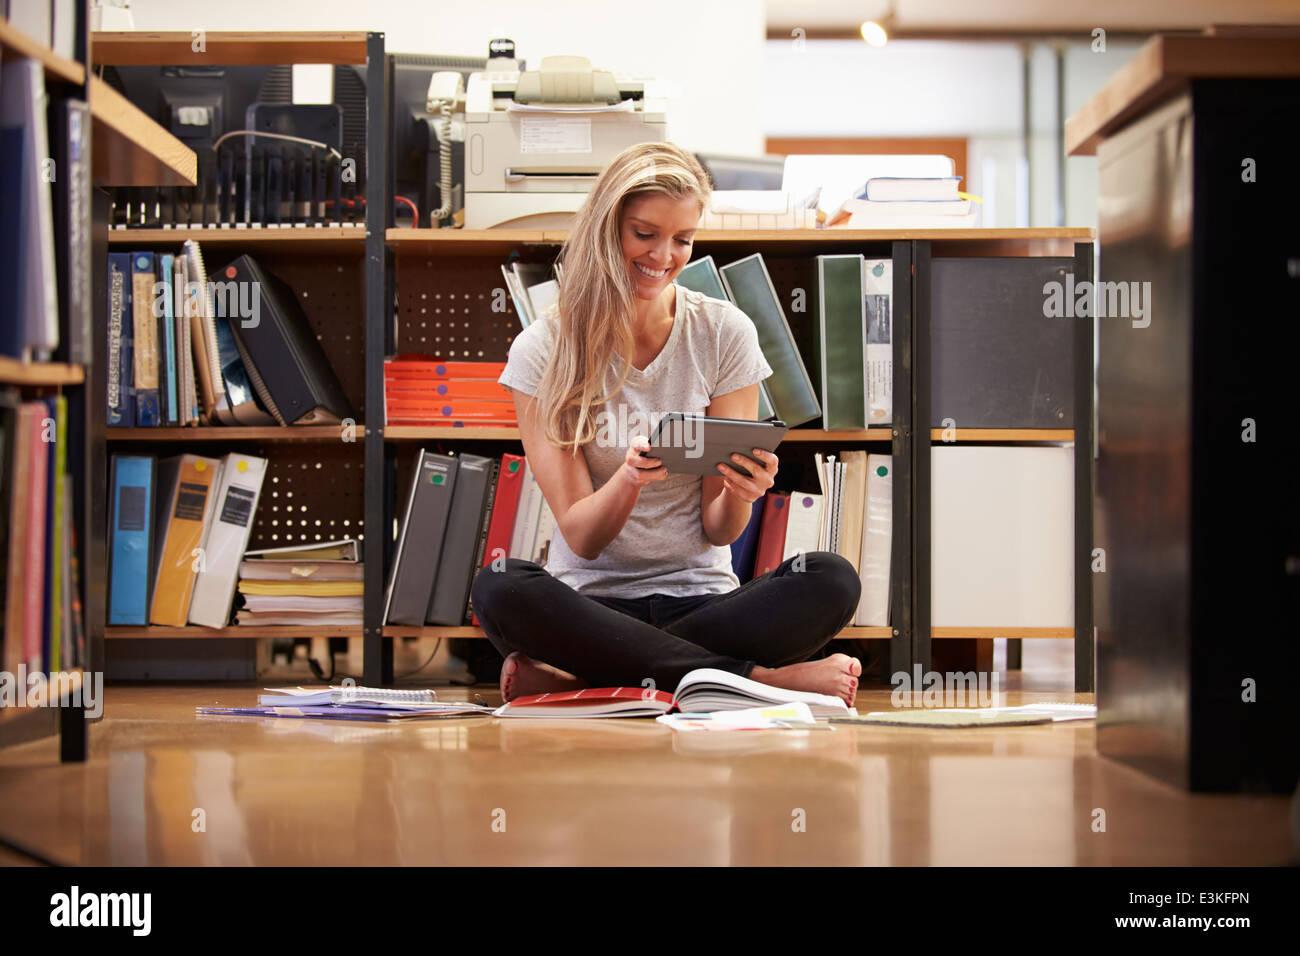 Imprenditrice seduta sul pavimento di Office con tavoletta digitale Immagini Stock